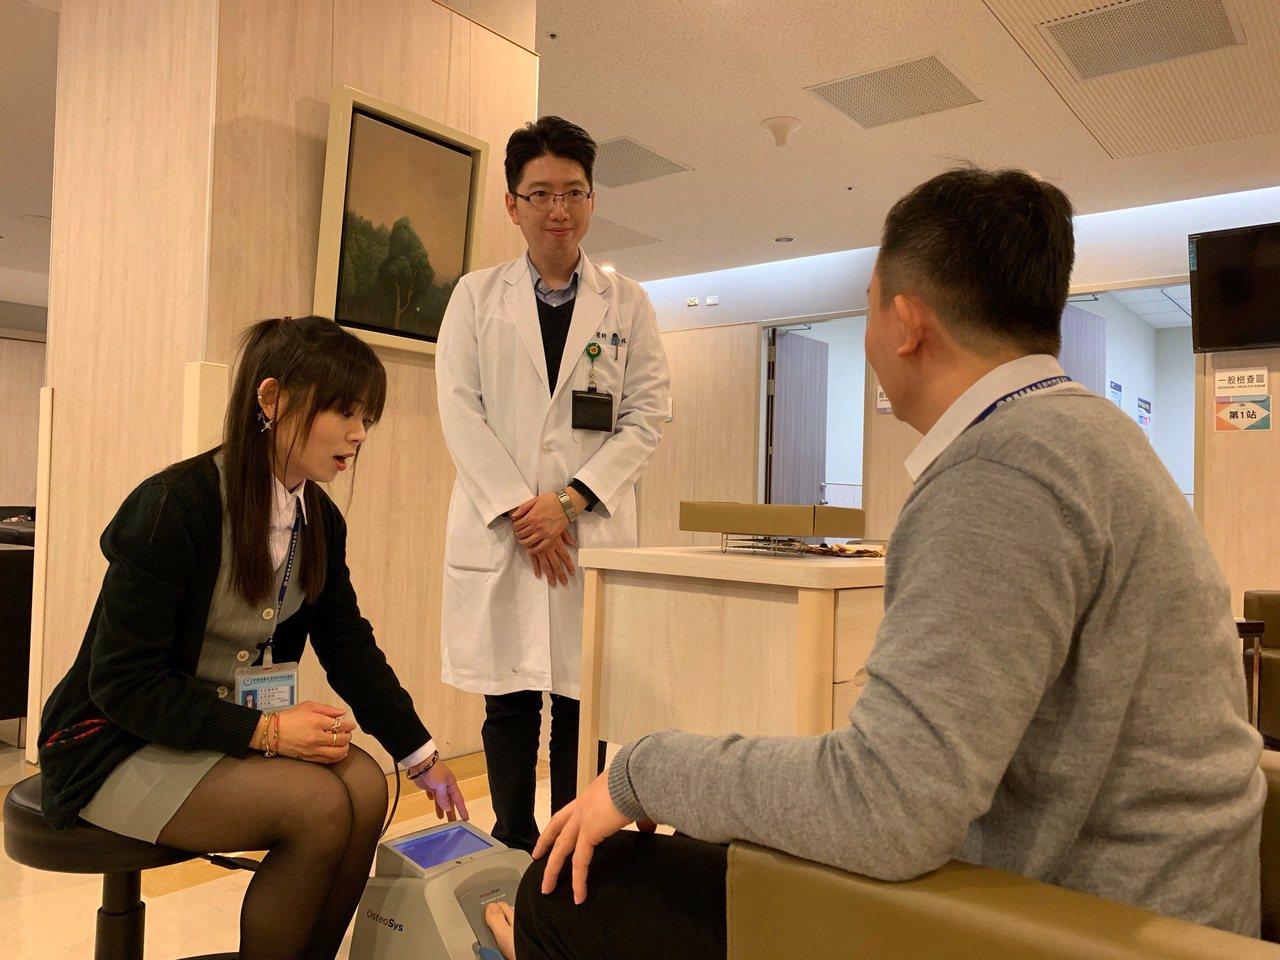 中國醫藥大學新竹附設醫院將在12月12舉辦院慶,擺設10個身體檢測攤位,歡迎鄉親...